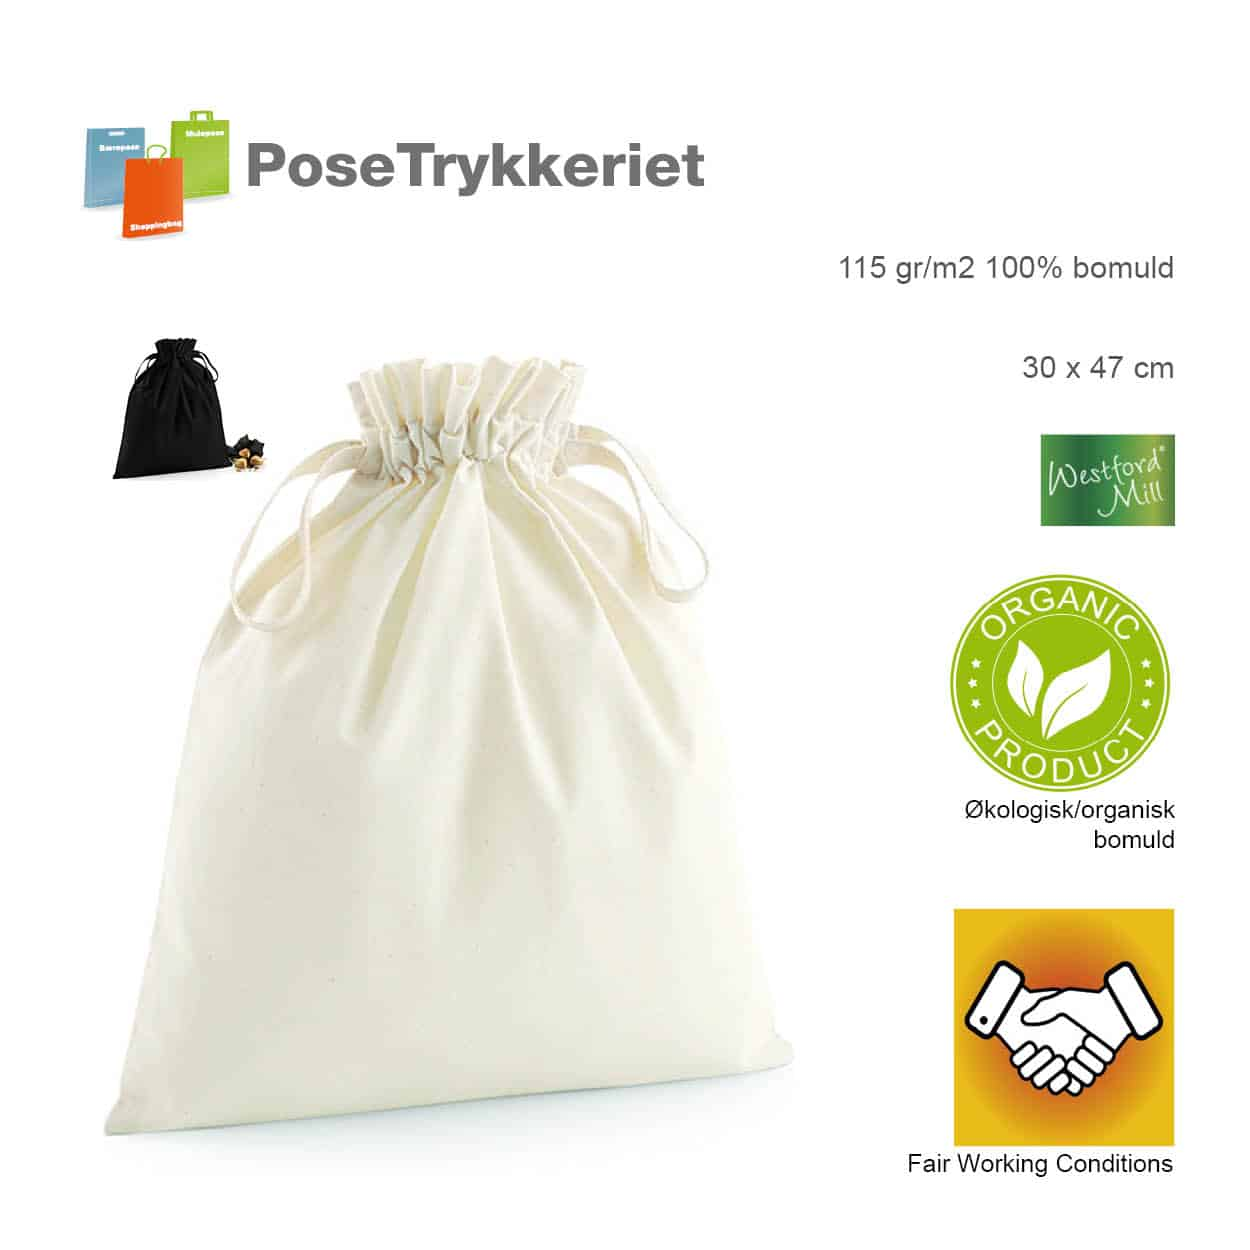 Miljørigtige bomuldsposer med snørrer. Posetrykkeriet.dk